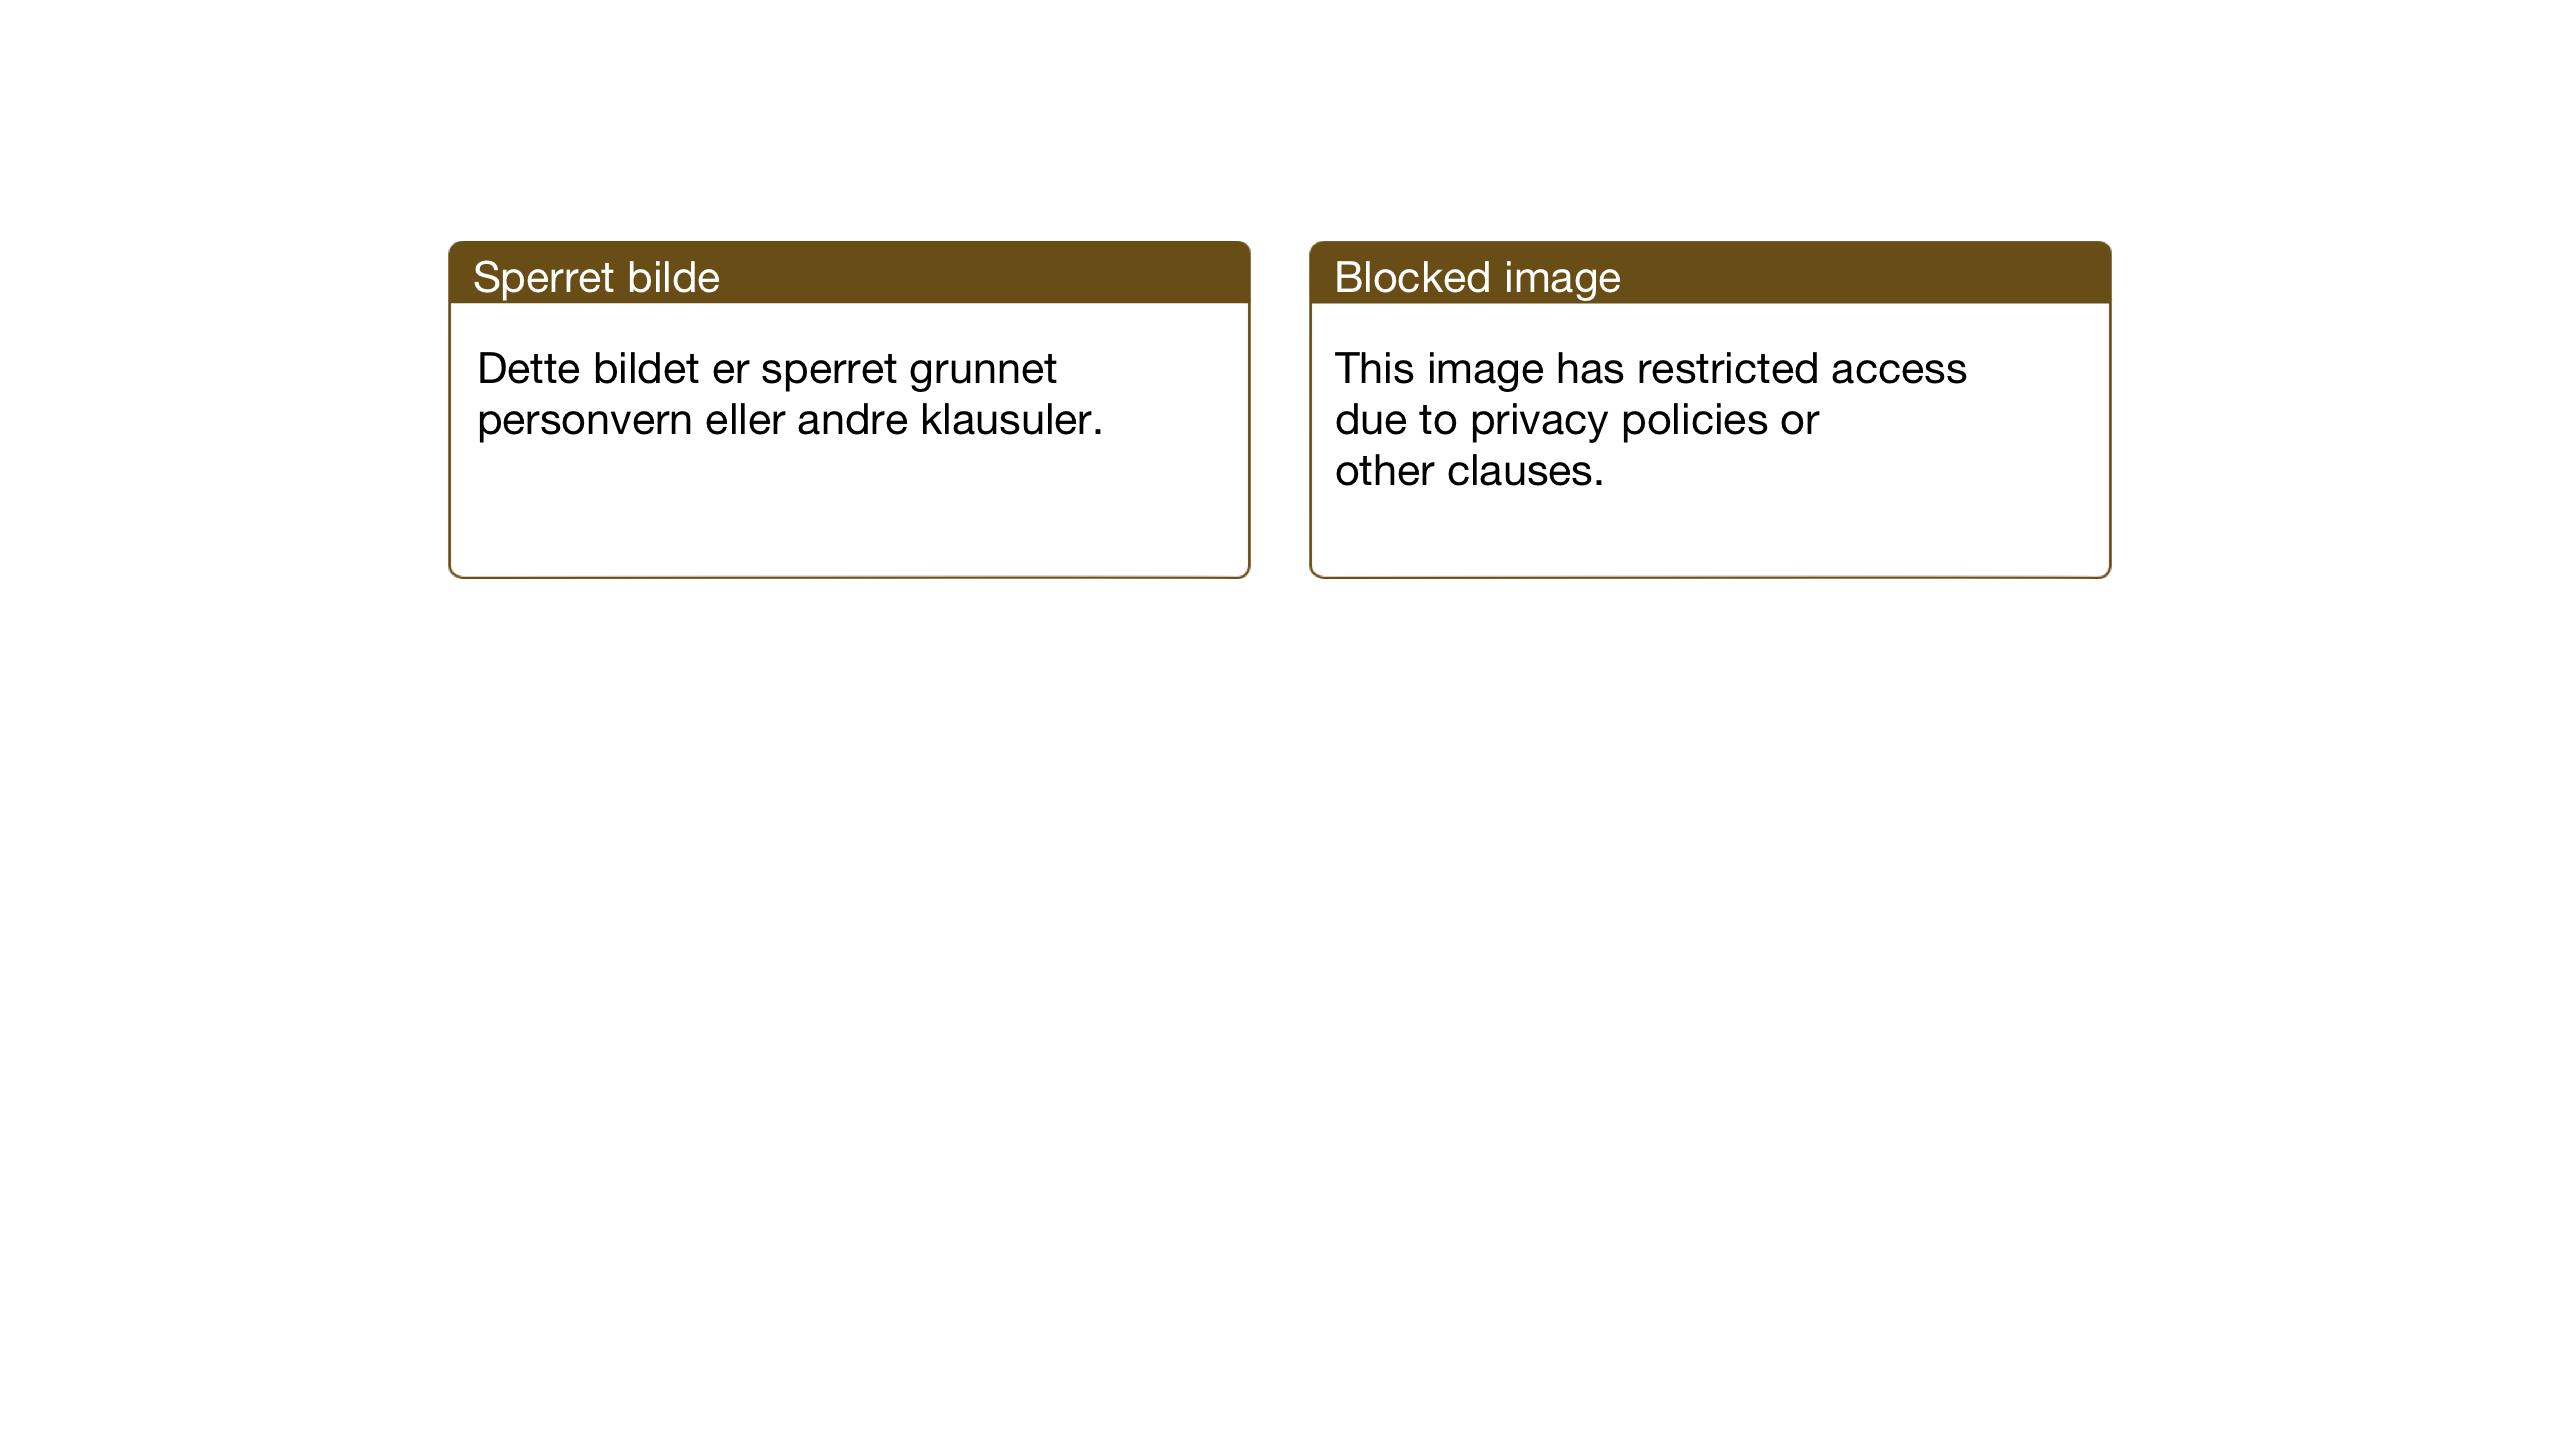 SAT, Ministerialprotokoller, klokkerbøker og fødselsregistre - Nord-Trøndelag, 746/L0456: Klokkerbok nr. 746C02, 1936-1948, s. 22